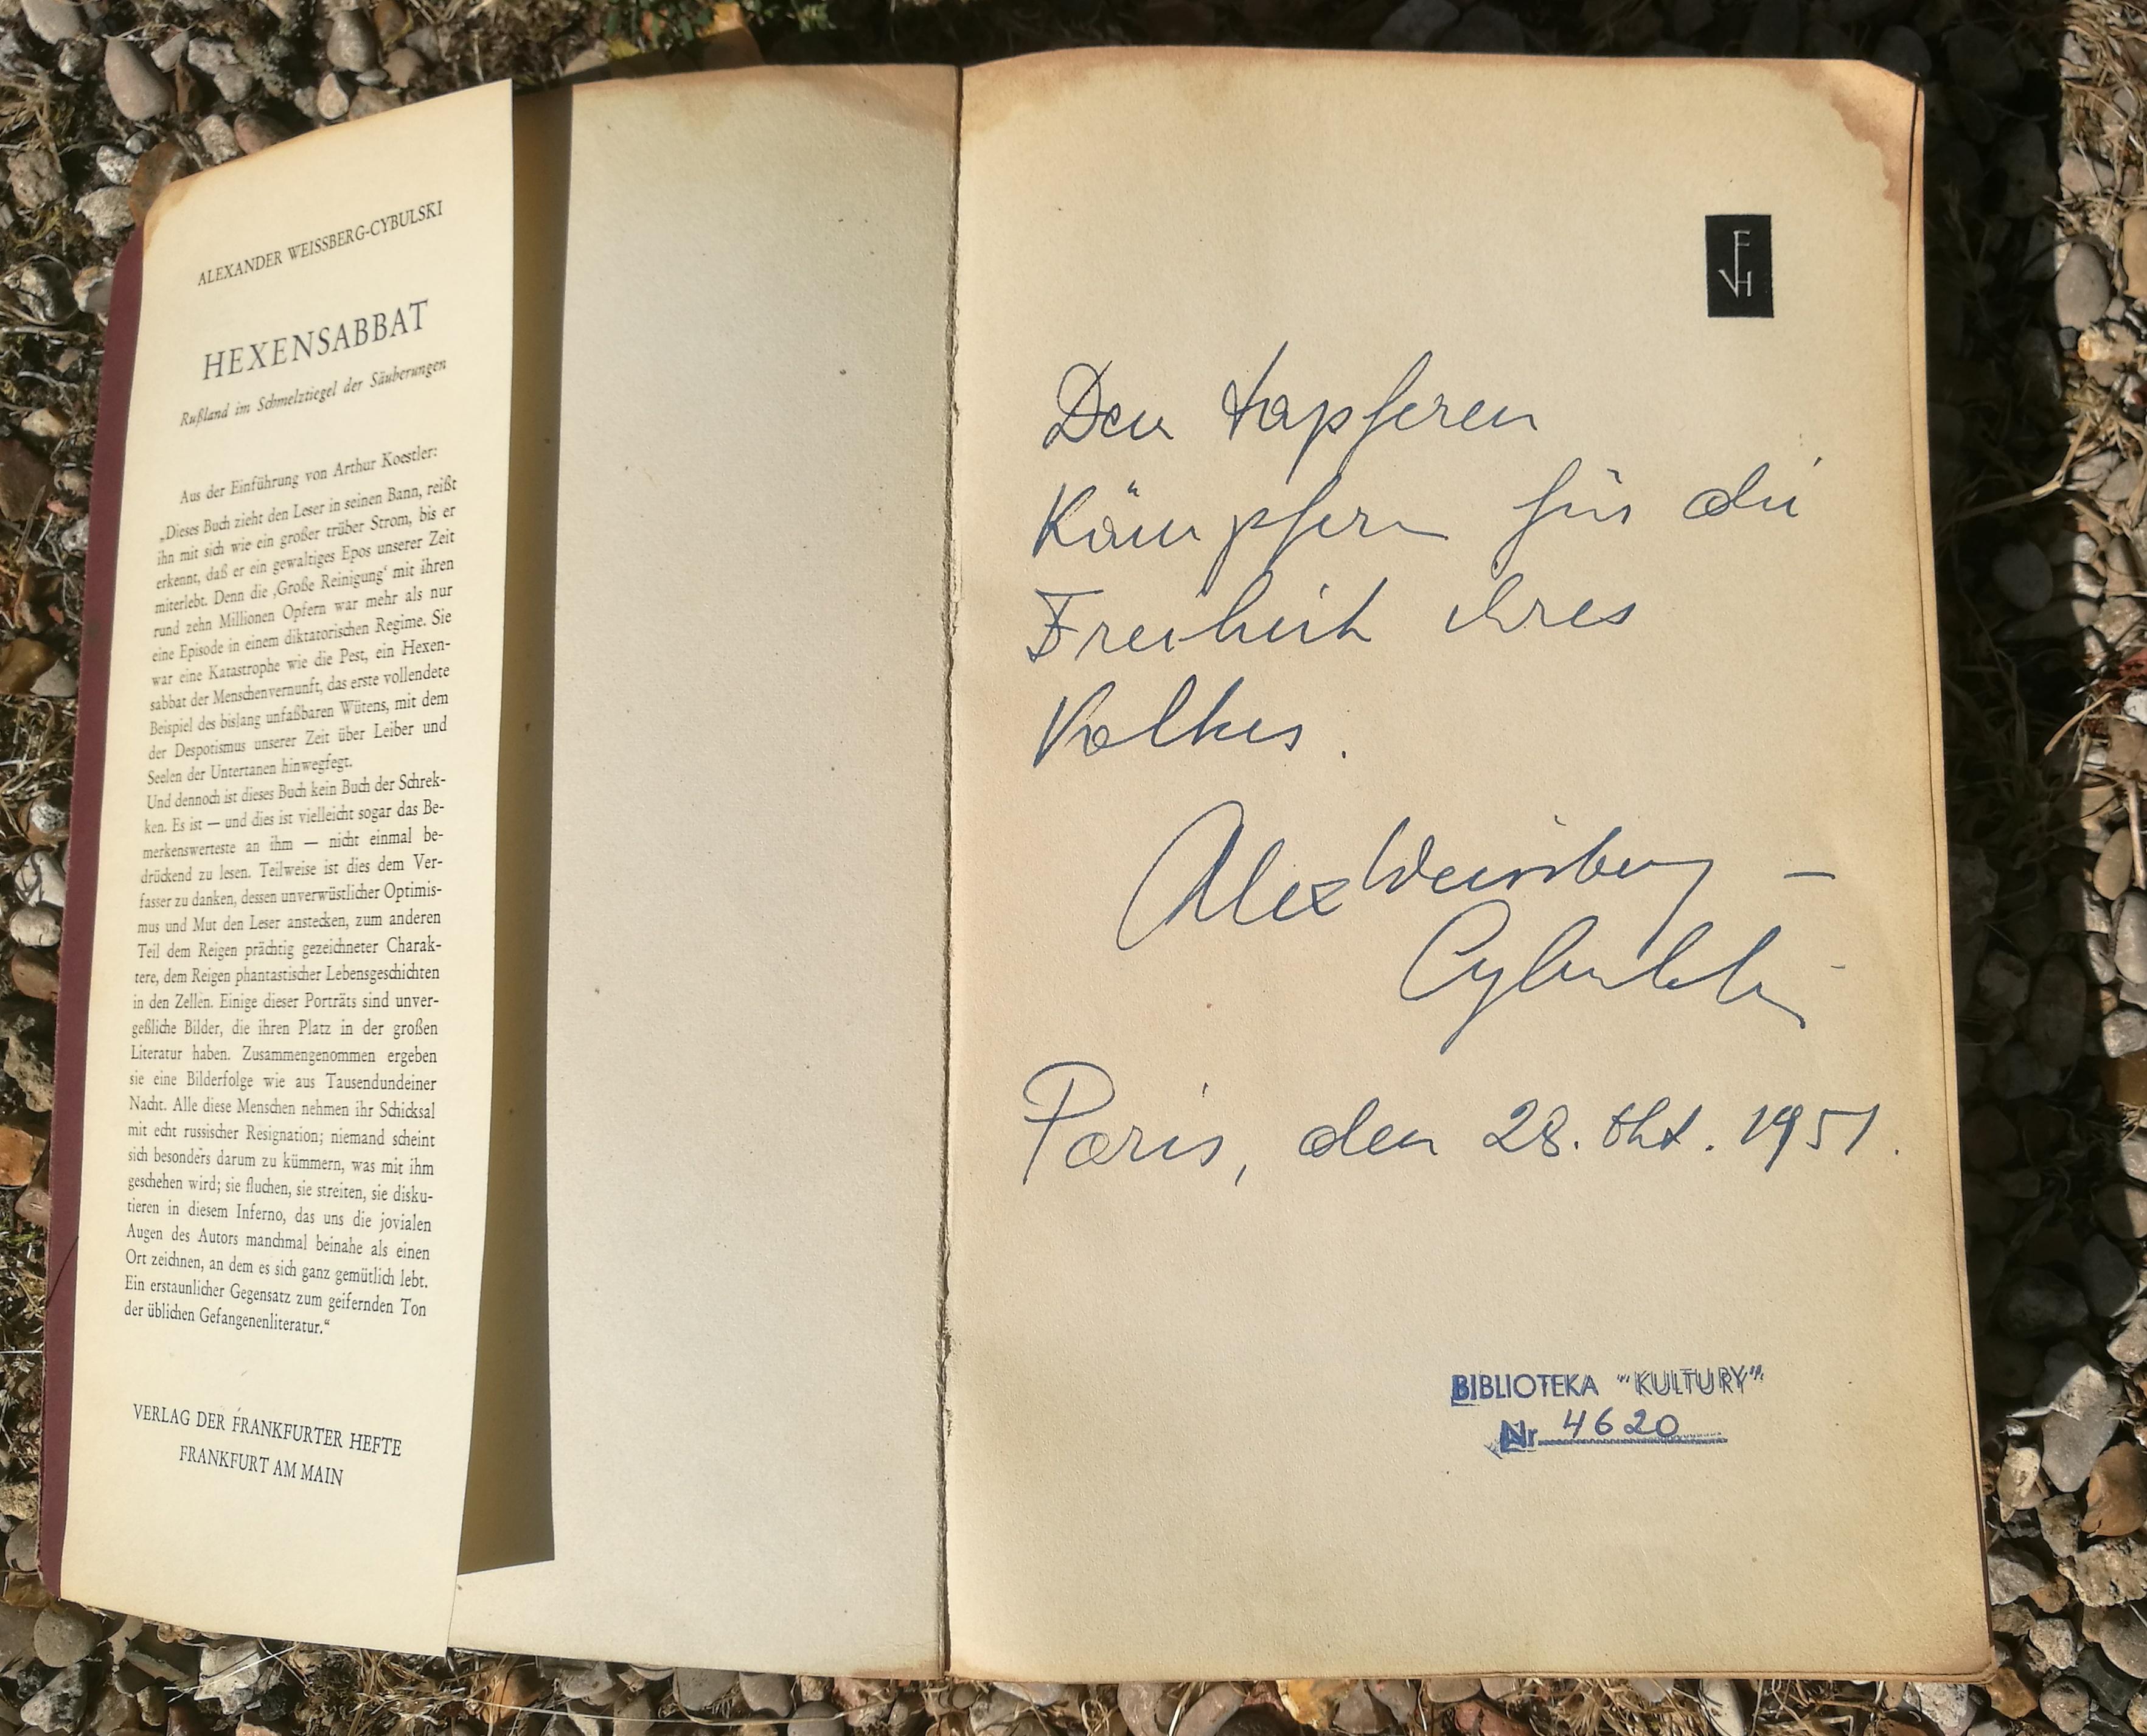 """<div class='inner-box'><div class='close-desc'></div><span class='opis'>Dedykacja Aleksandra Weissberga-Cybulskiego na pierwszym wydaniu """"Hexen-Sabbat"""". (1951)  Książka z polskim tytułem """"Wielka czystka""""- ukazała się nakładem IL w 1967 r.</span><div class='clearfix'></div><span>Cote du document sm00417</span><div class='clearfix'></div><span>© Instytut Literacki</span></div>"""